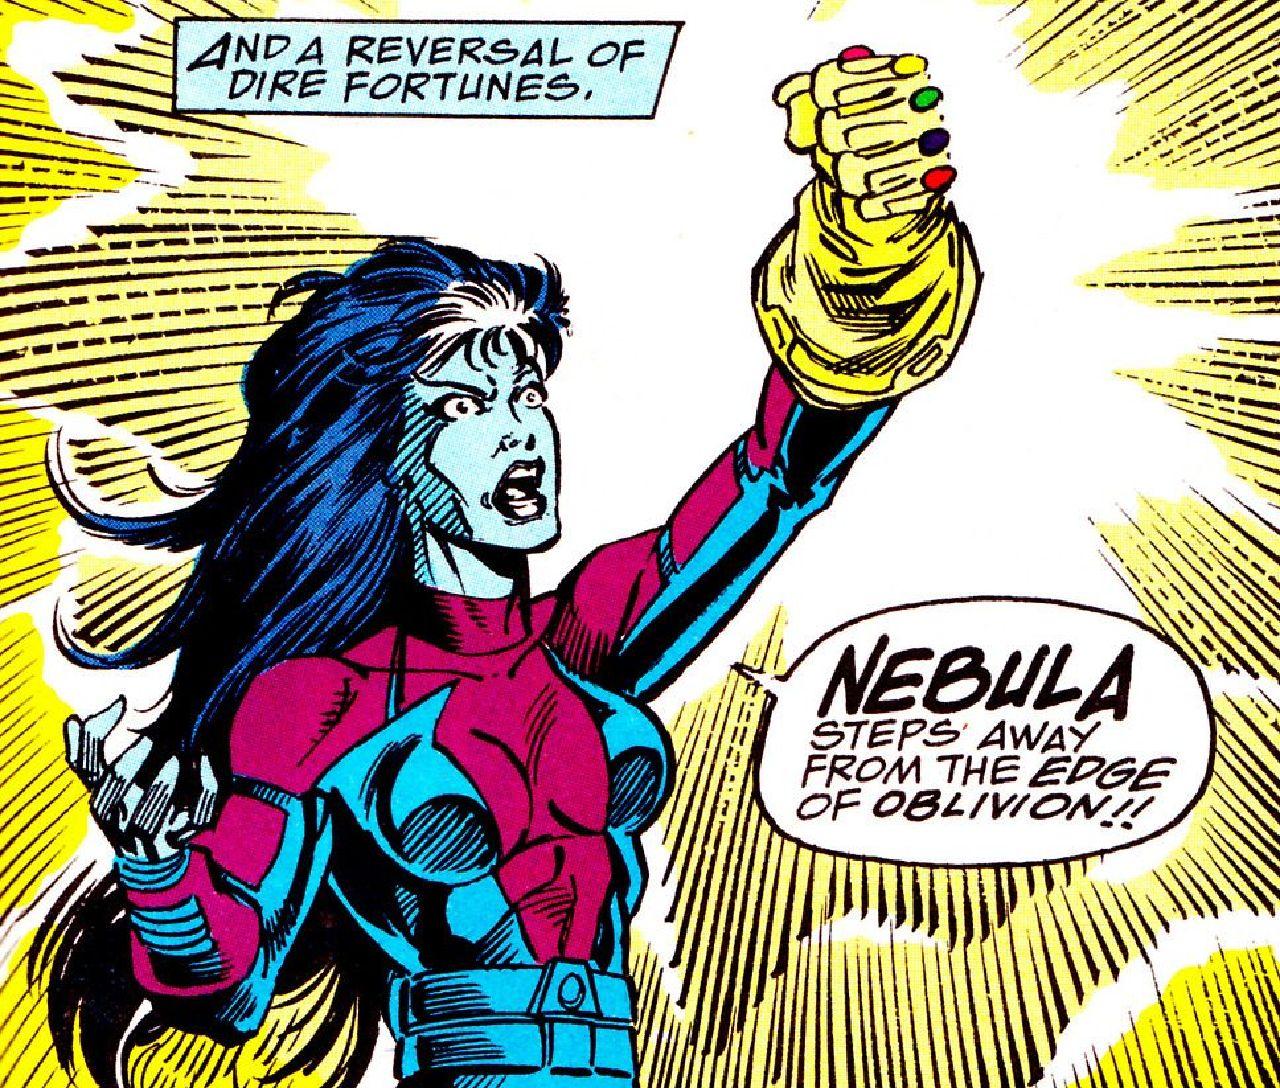 personajes de marvel nebula